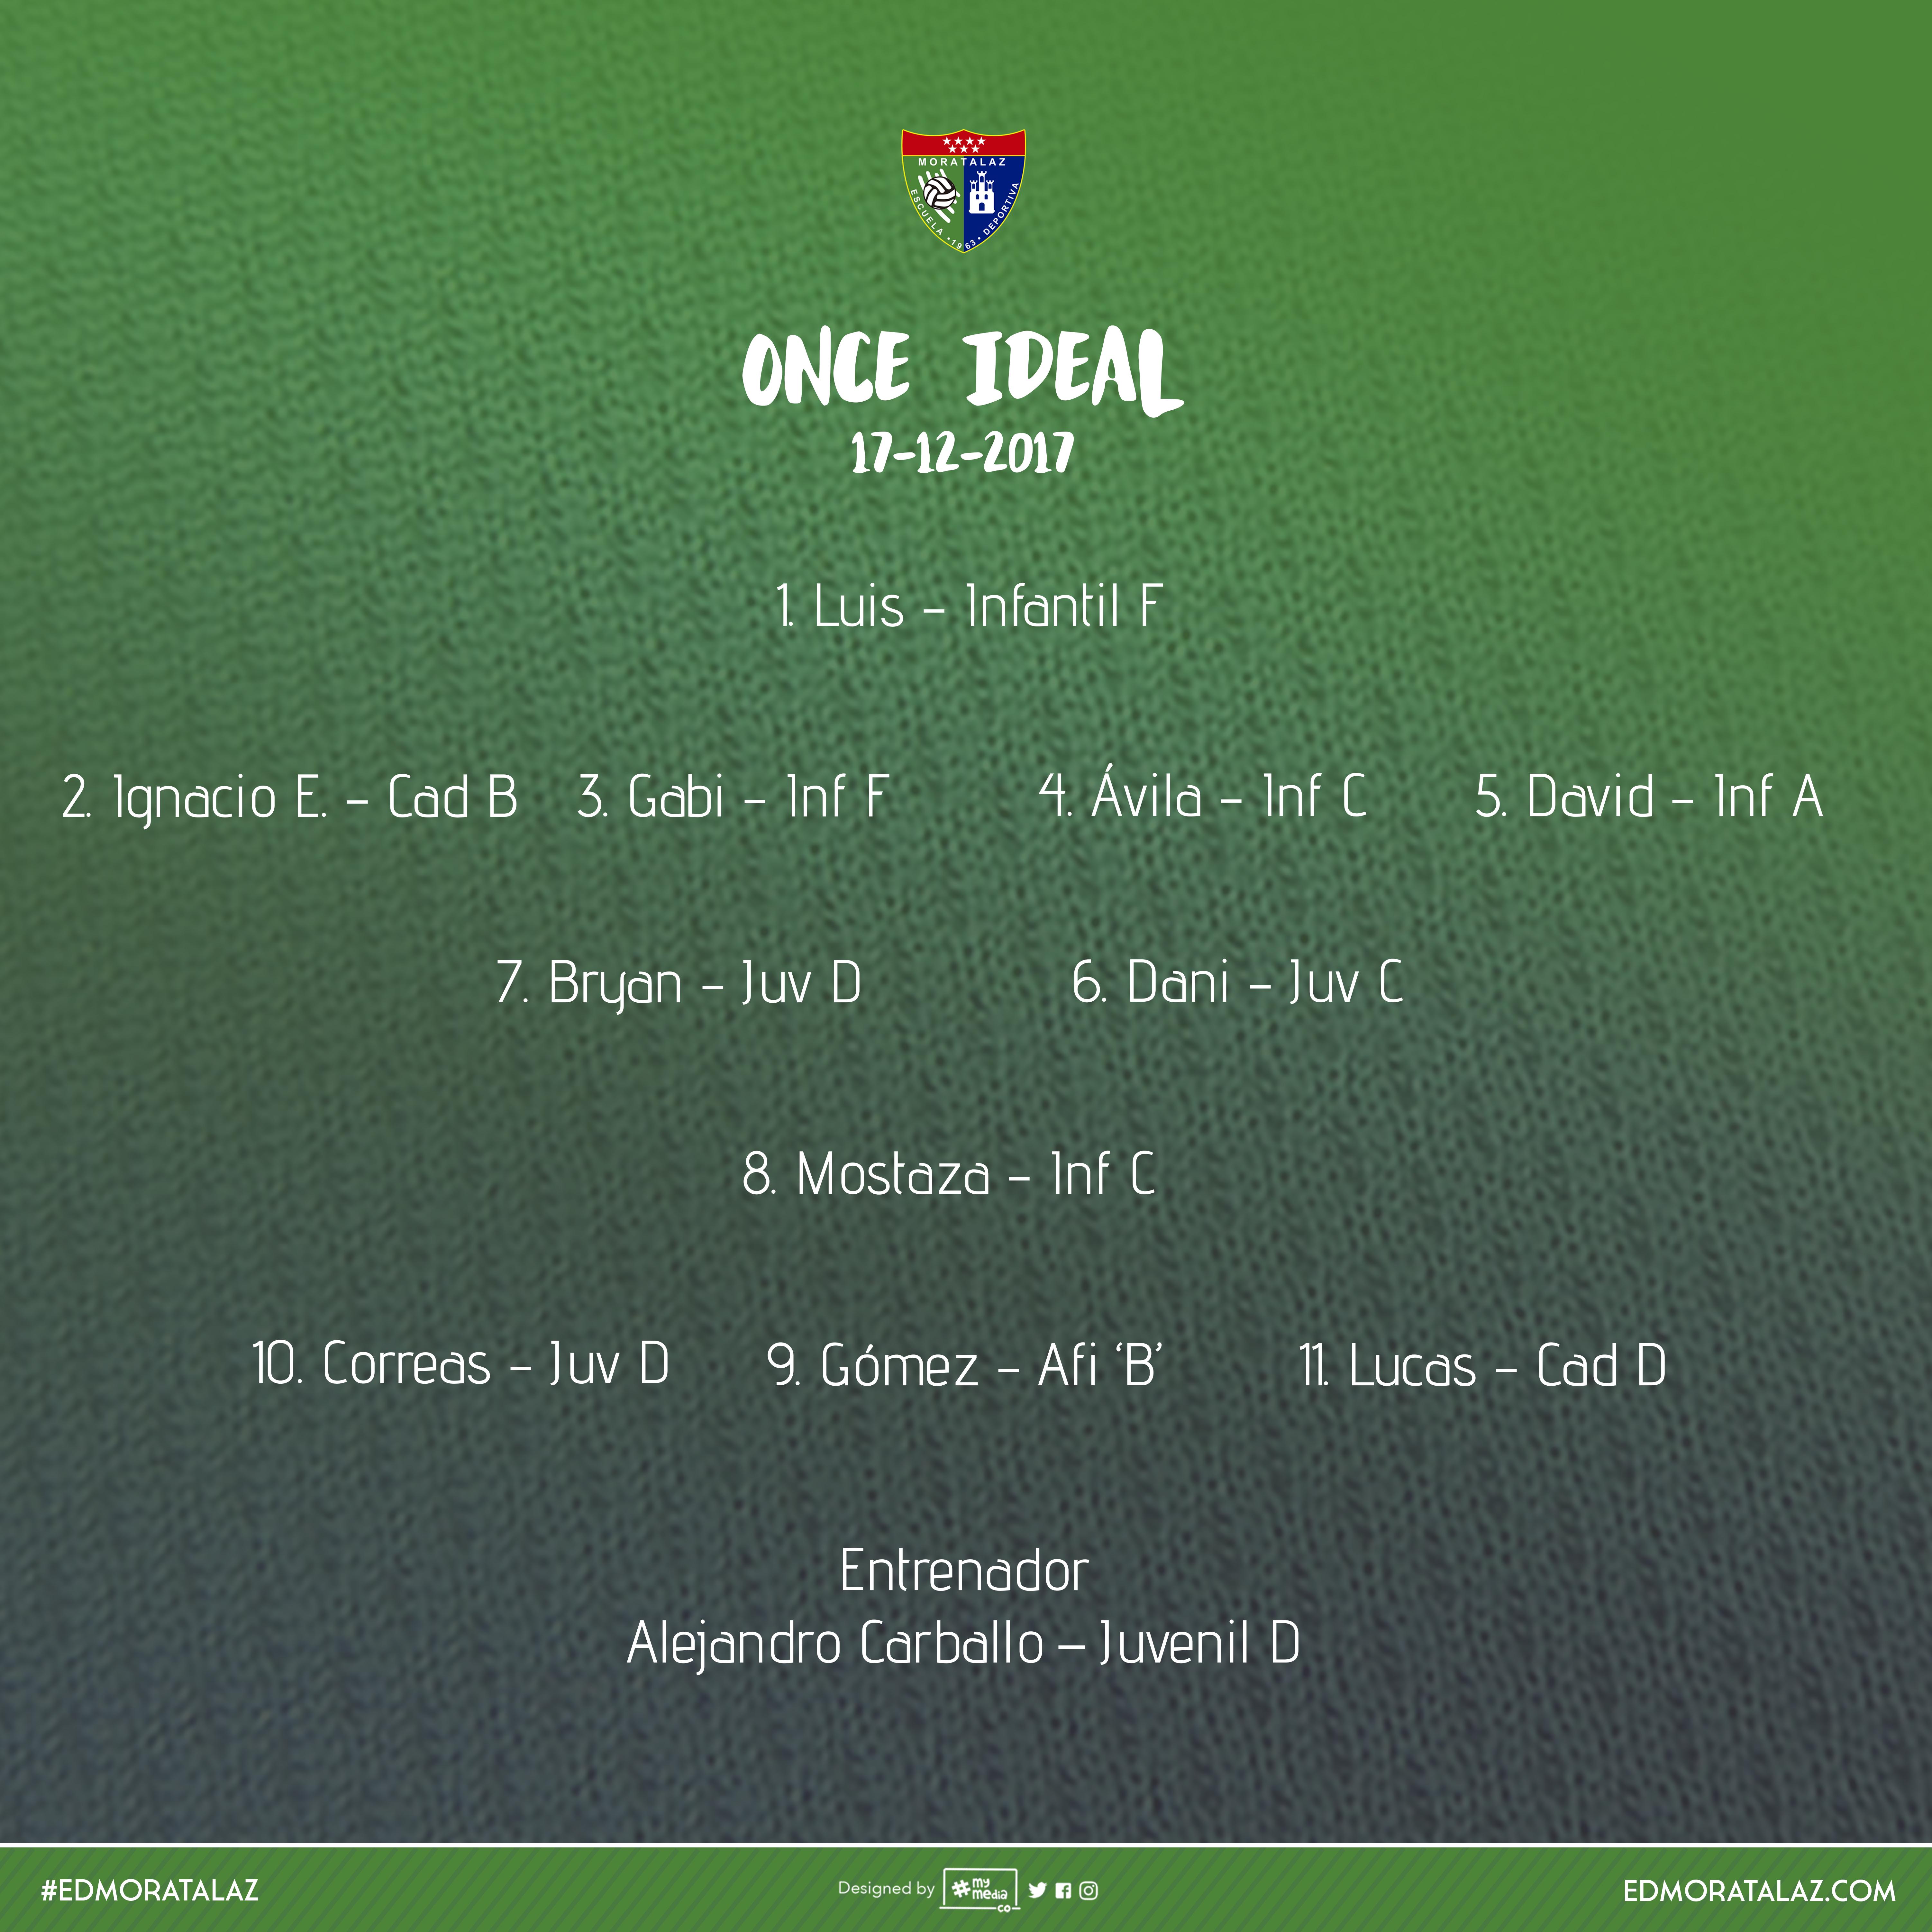 Once ideal del fin de semana 16-17 diciembre, Temporada 2017/18